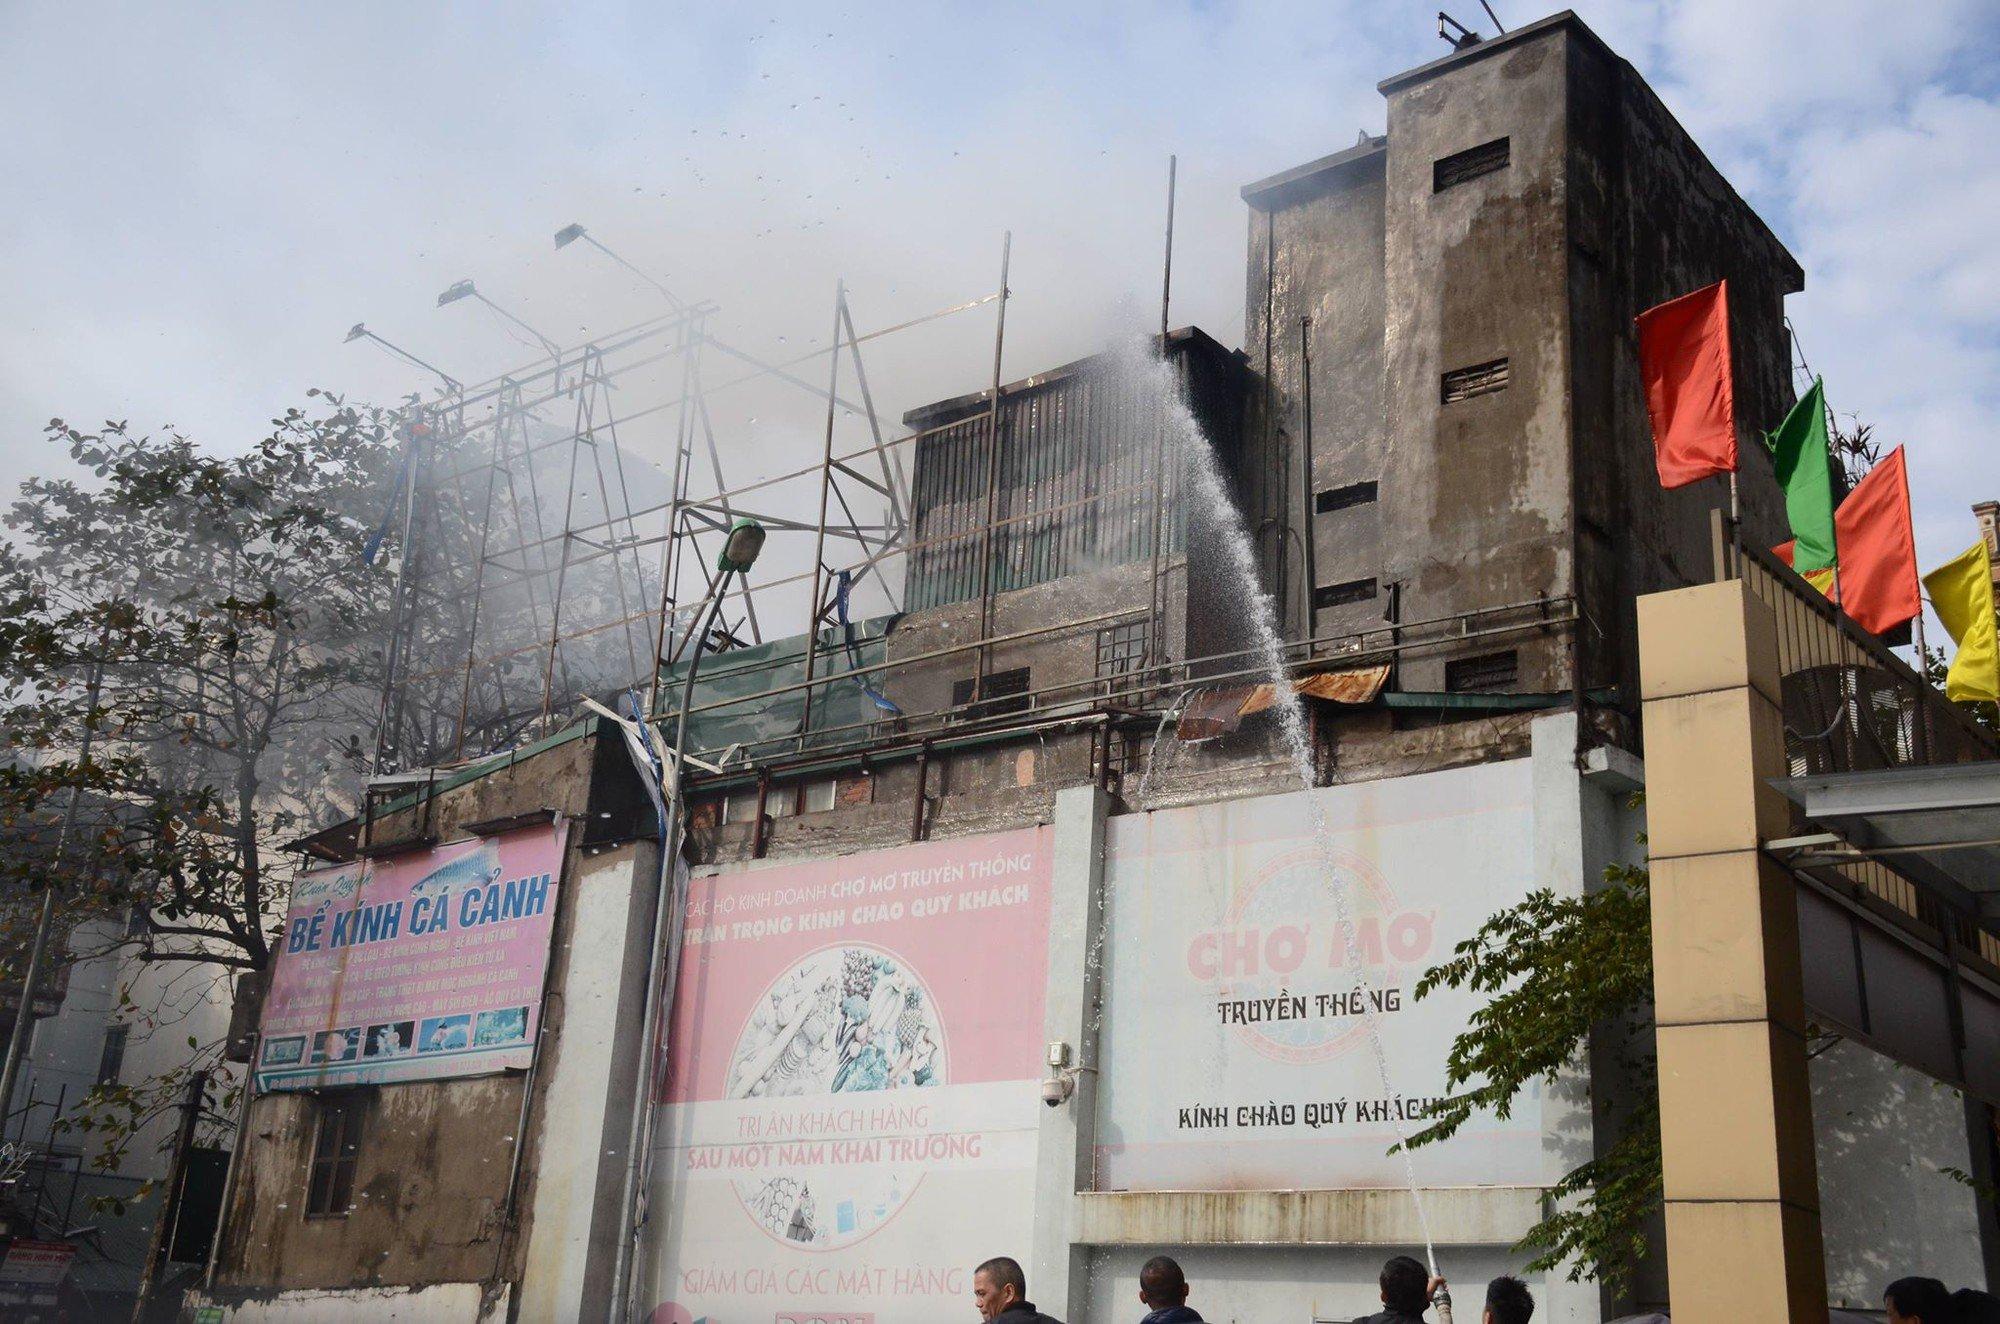 Hà Nội: Cháy lớn ngôi nhà 4 tầng cạnh Chợ Mơ, nhiều người hoảng sợ tìm cách tháo chạy 3